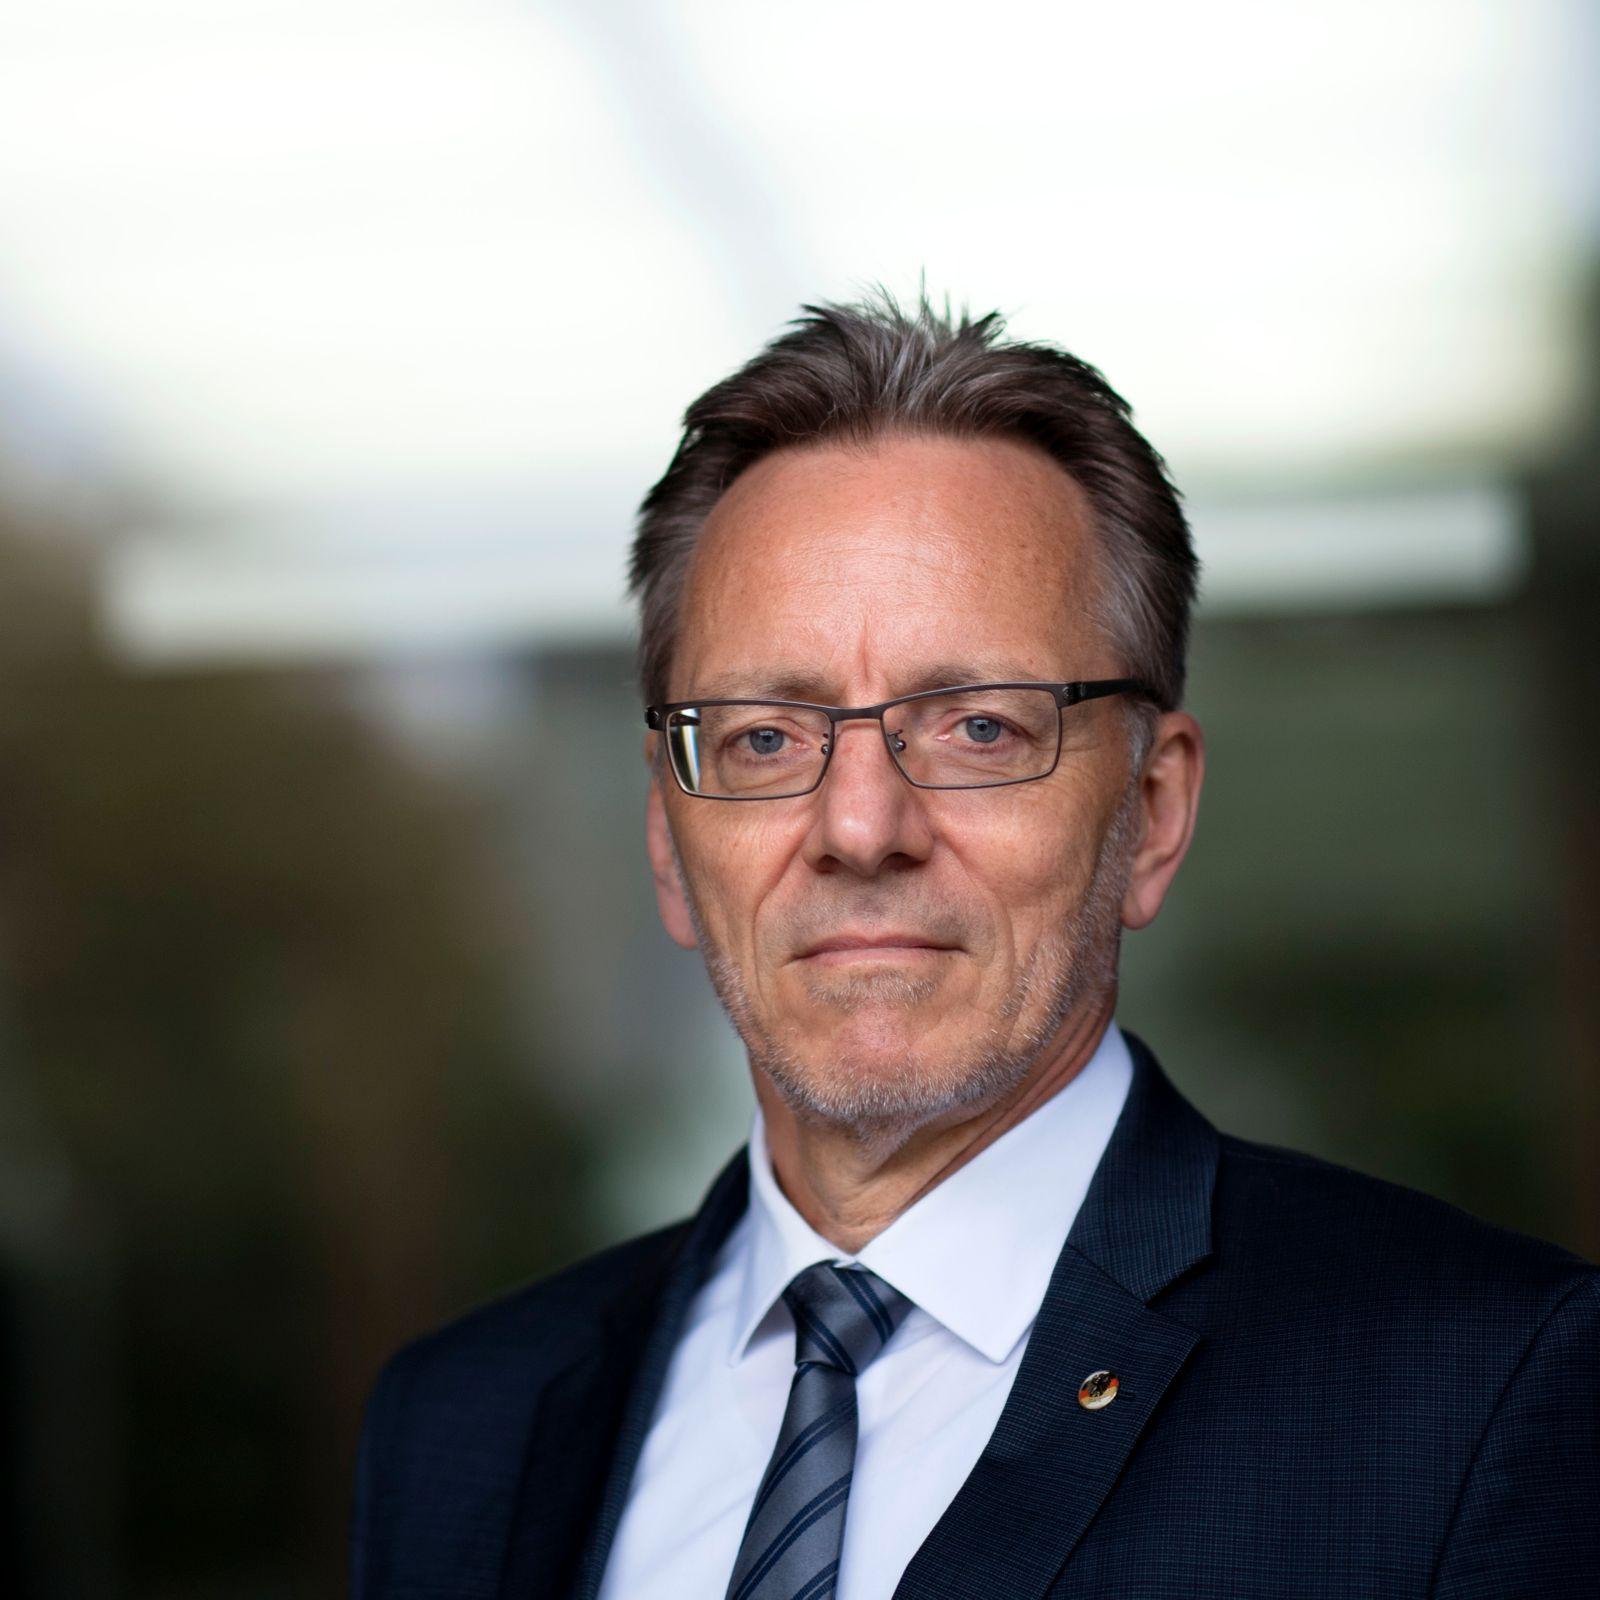 Holger Muench, BKA